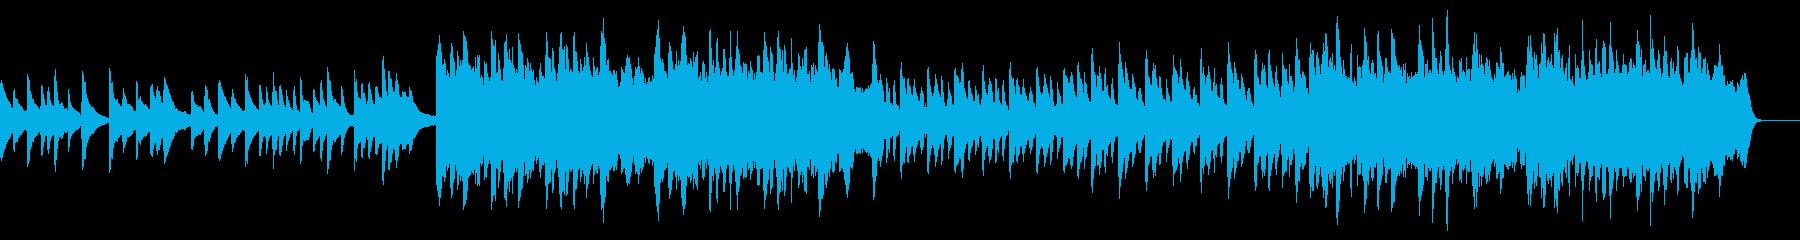 悲しい事を思い出す時の切ないピアノ曲の再生済みの波形